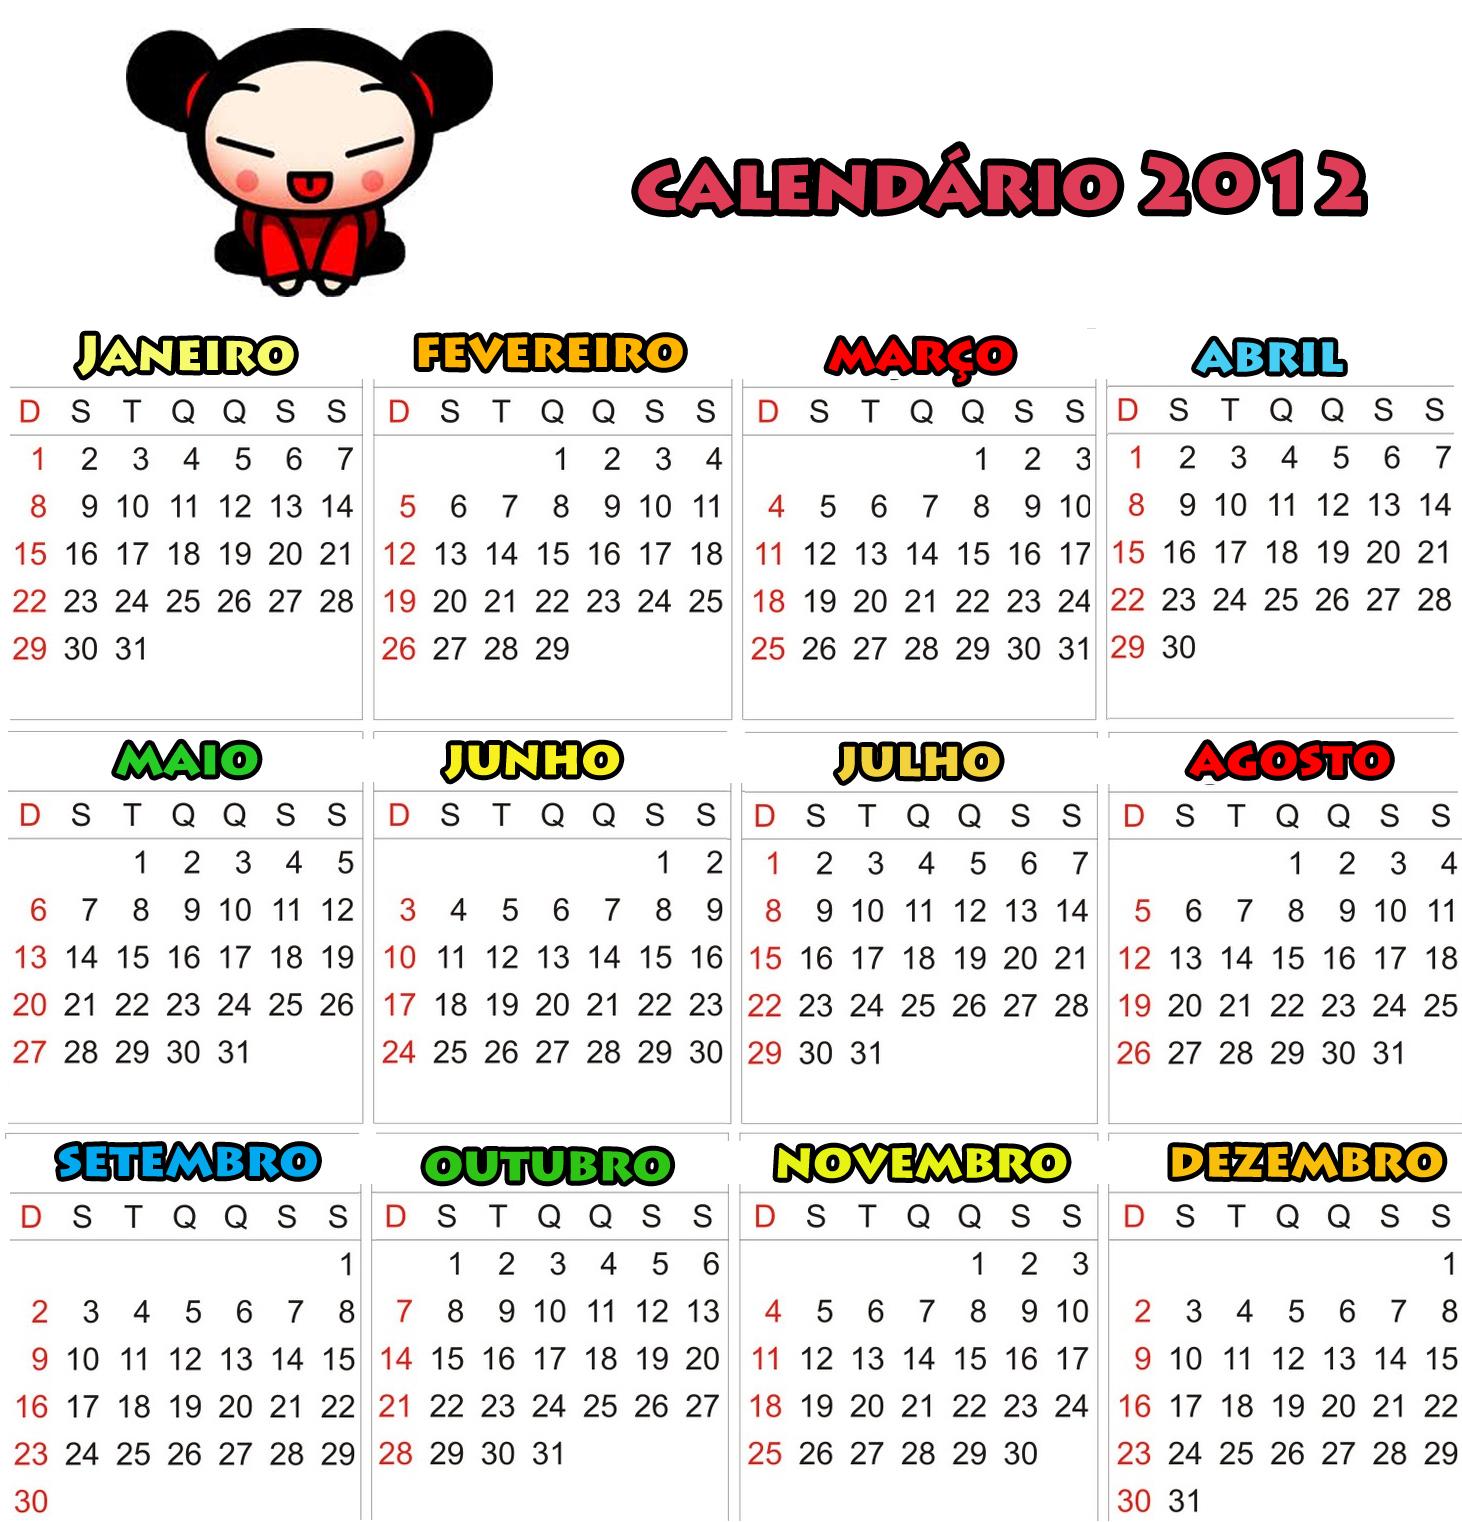 2012 Calendario 2012 Calendario 2012 Da Pucca Calendario 2012 Para